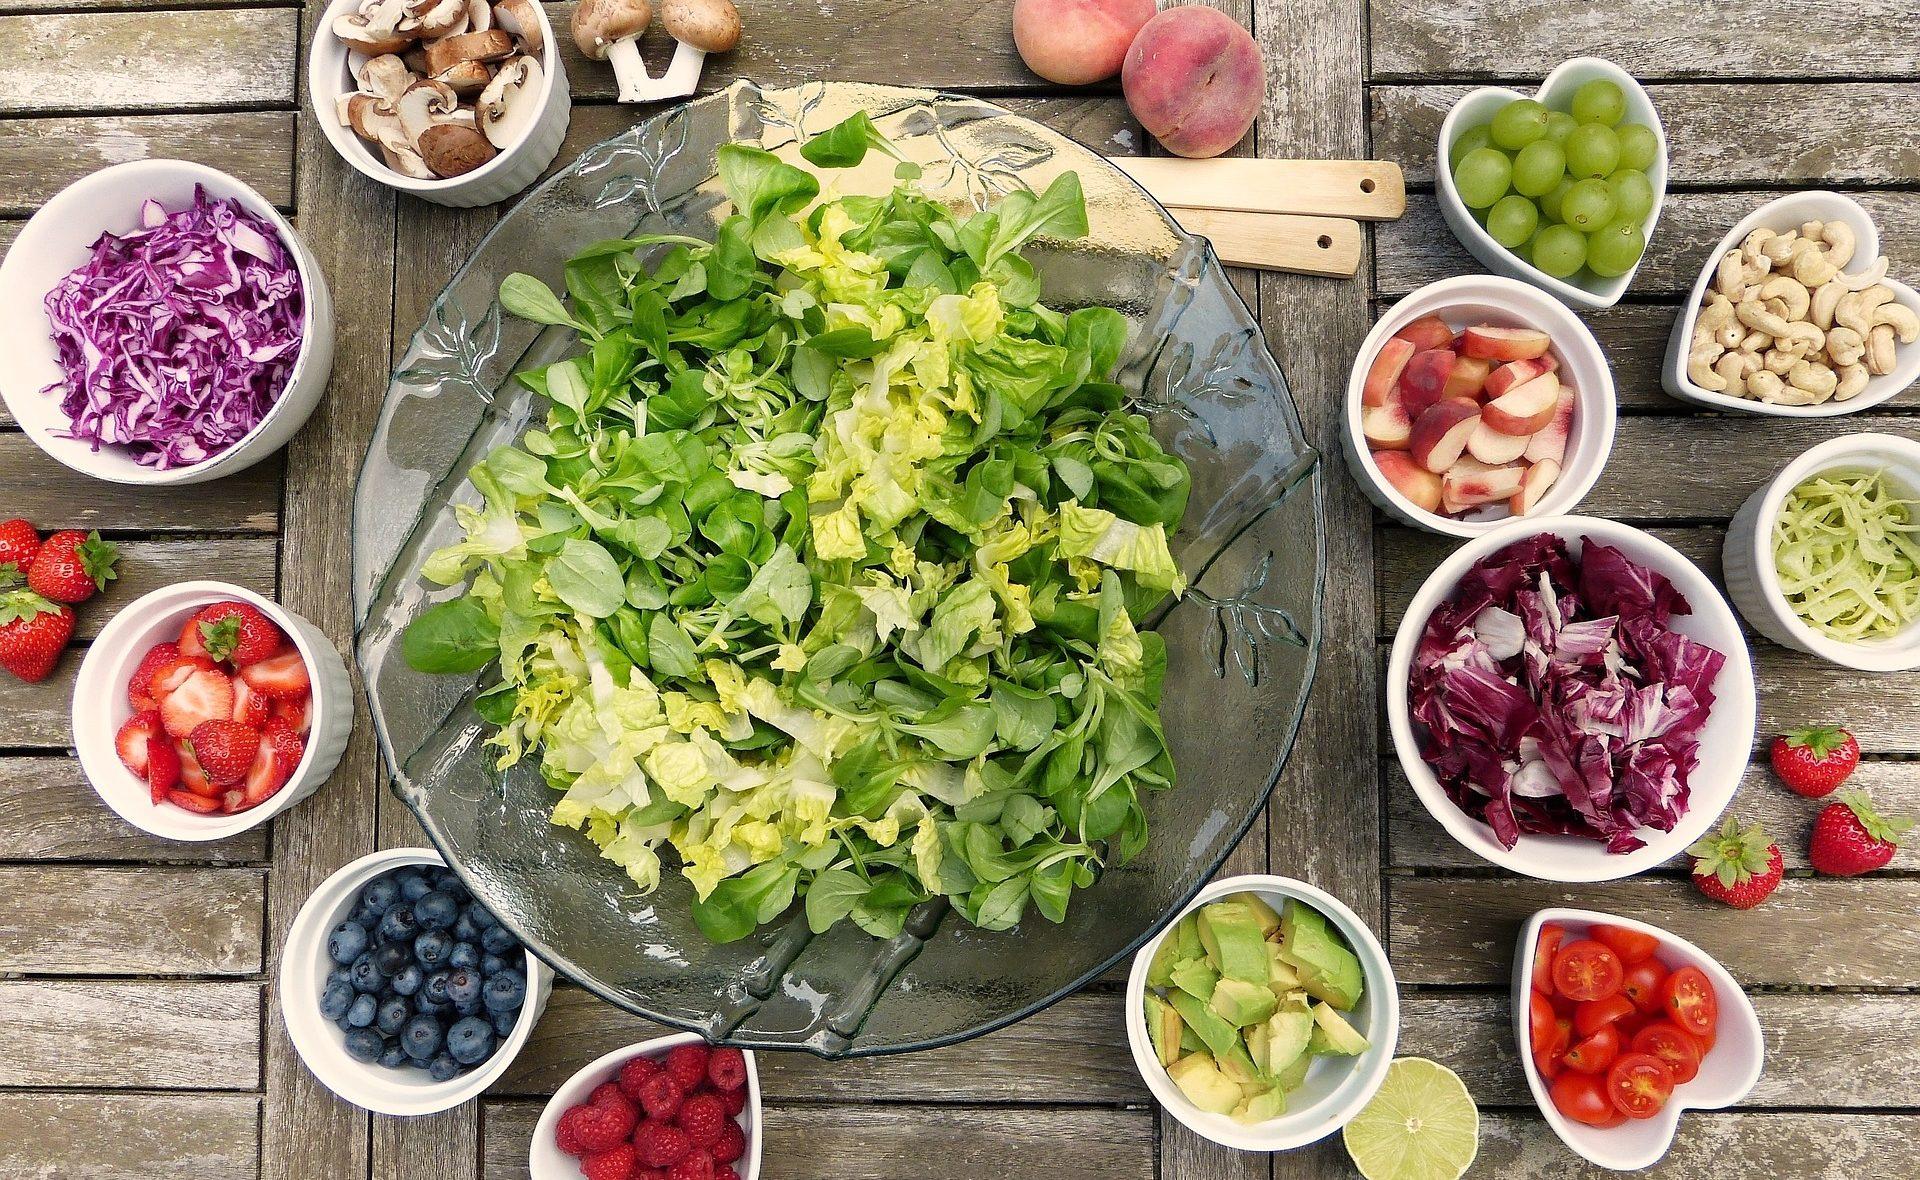 vércsoport diéta vélemények nextgen fogyás